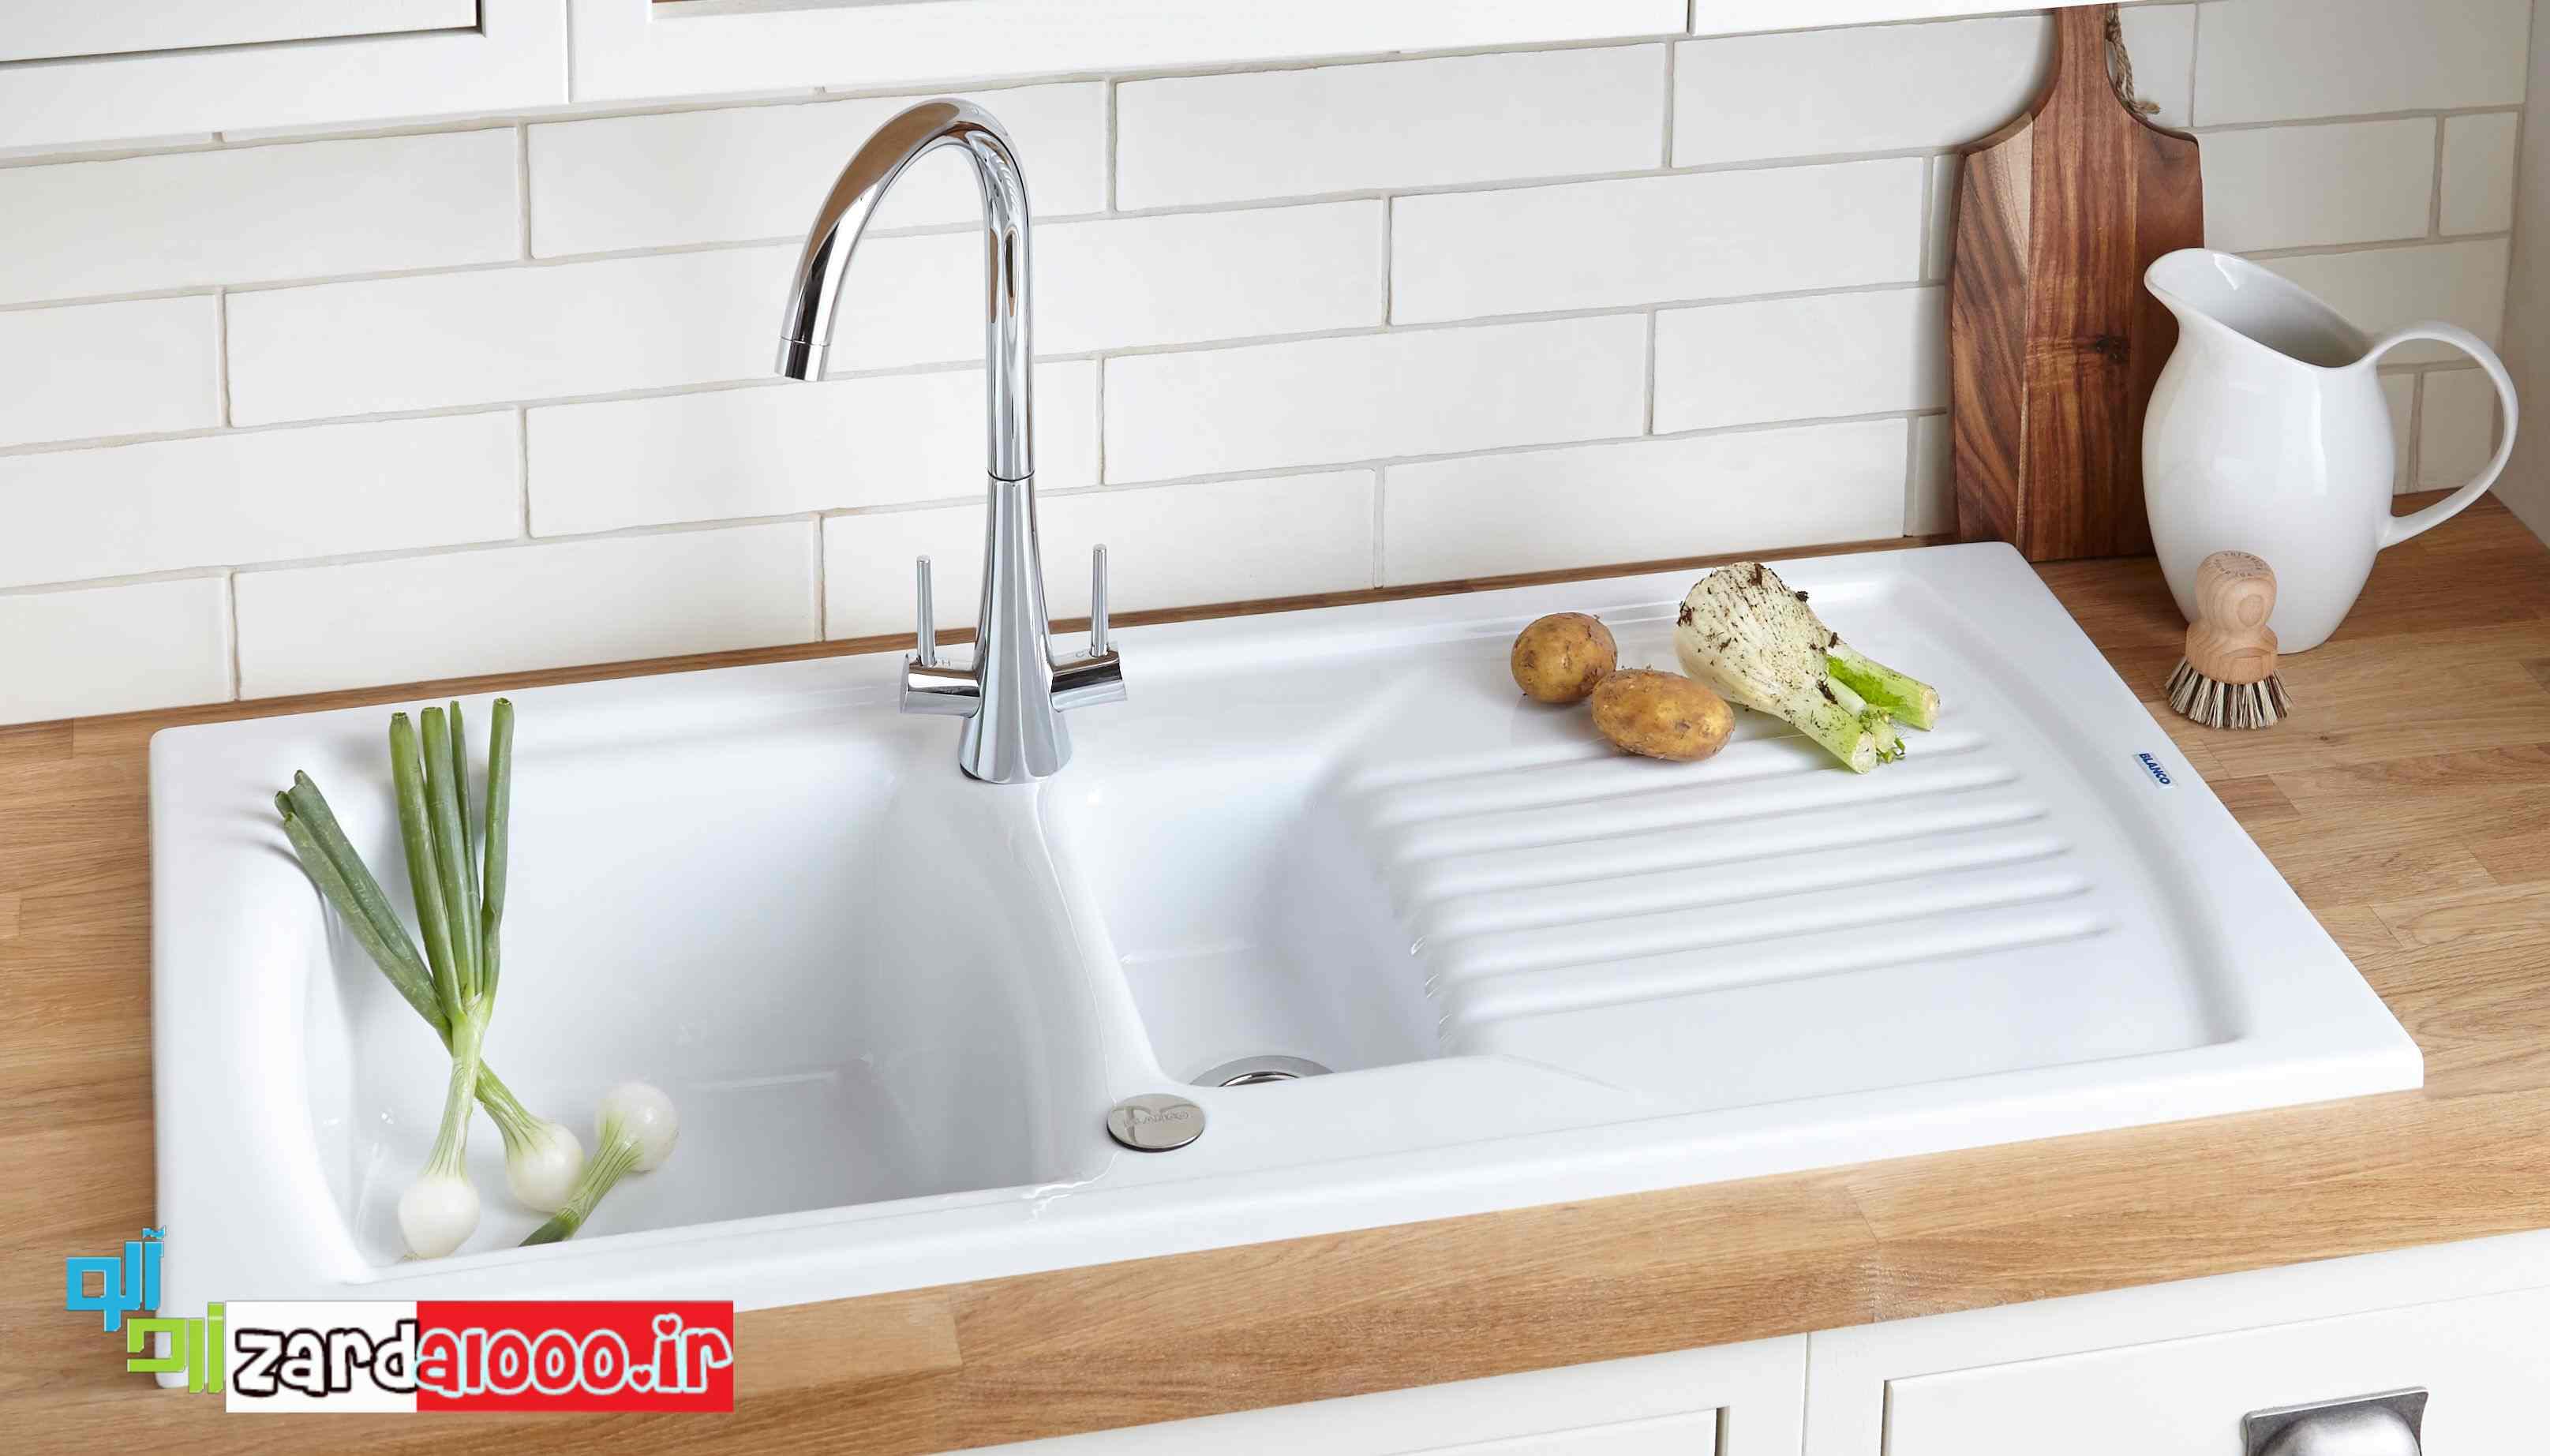 جدیدترین سینک ظرفشویی - سینک خارجی - بهترین مدل سینک ظرفشویی